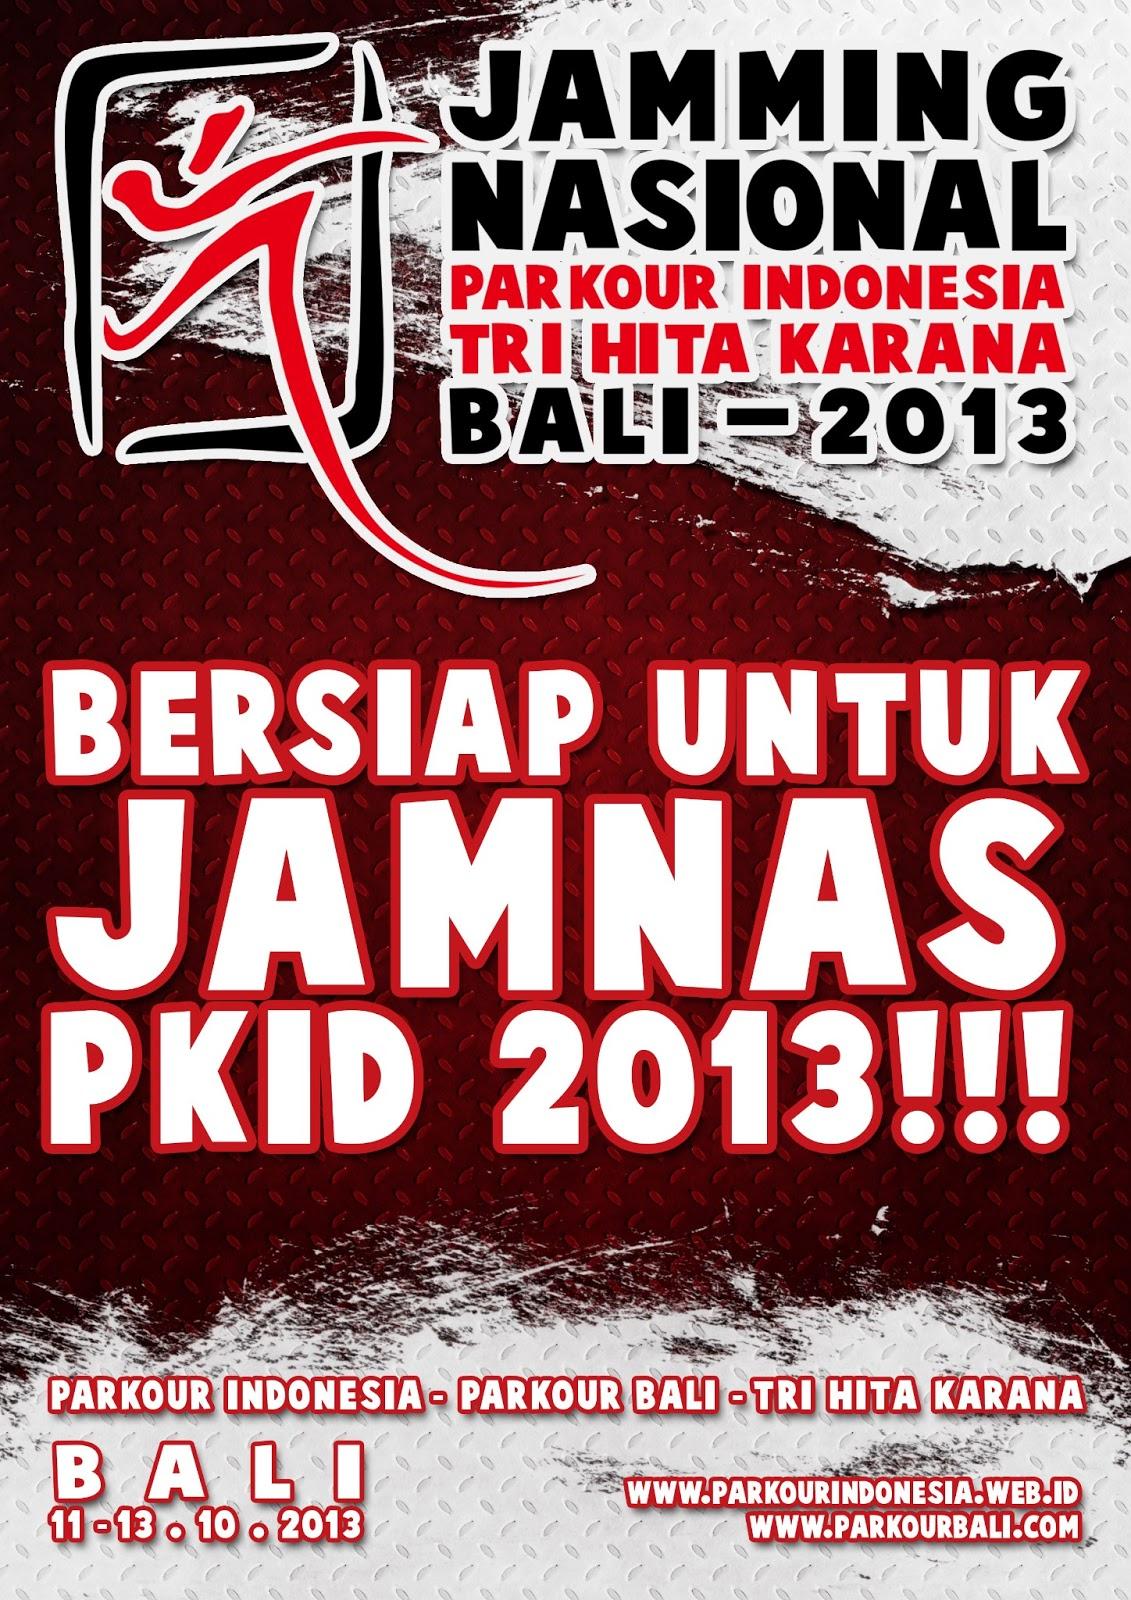 Jamming Nasional 2013 – Bali